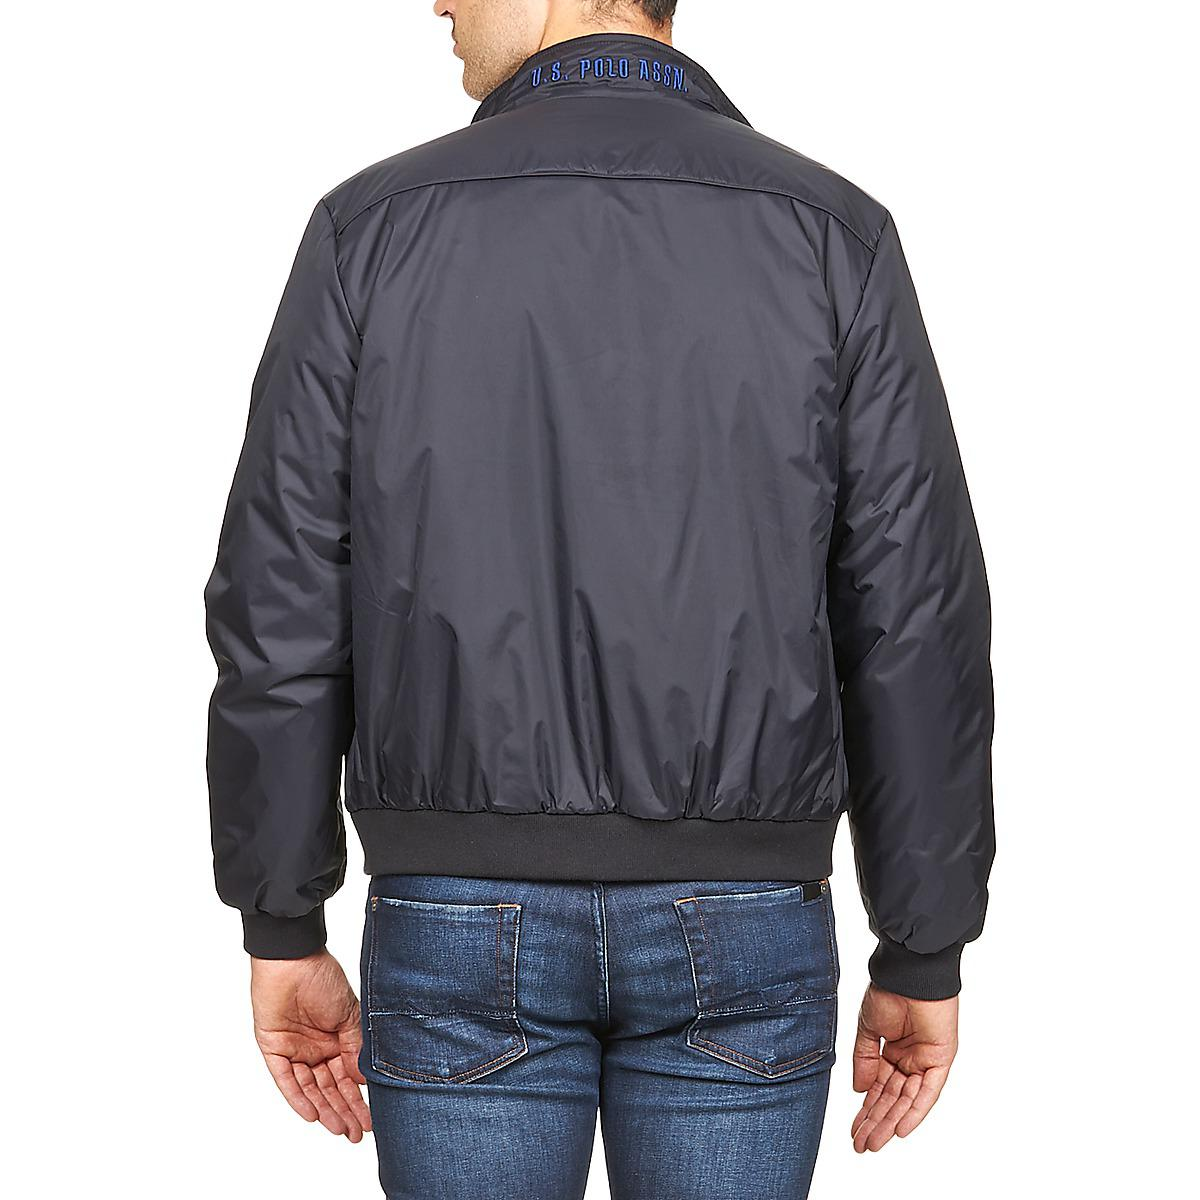 U.S. POLO ASSN. Uspa Men's Jacket In Black for Men